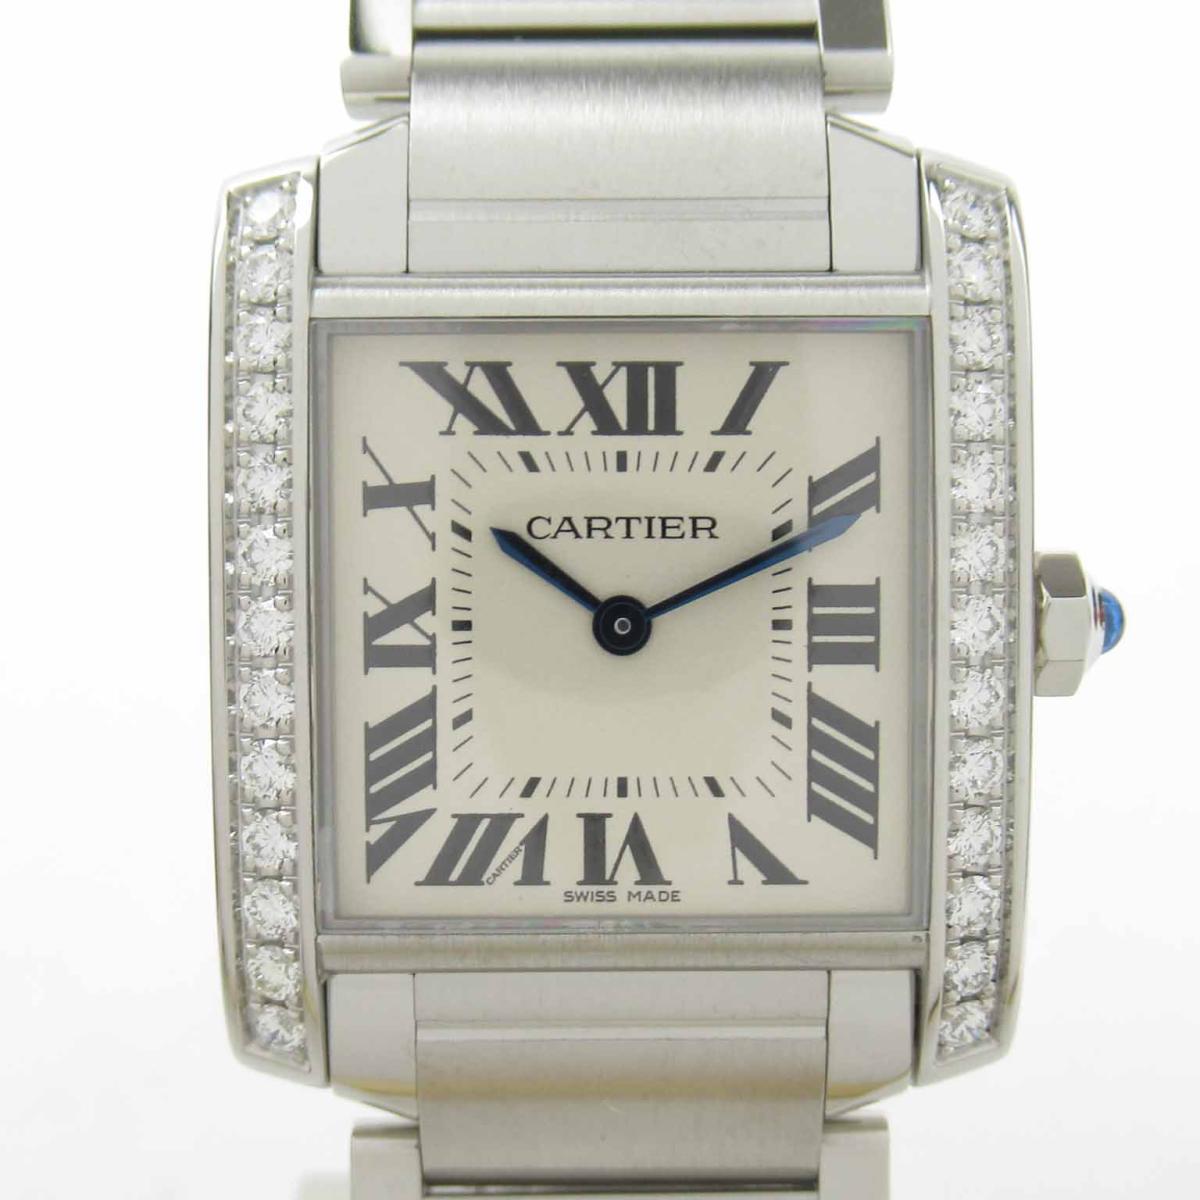 ≪期間限定≫メルマガ登録でクーポンGET! 【中古】 カルティエ タンクフランセーズMM ウォッチ 腕時計 レディース ステンレススチール (SS) (W4TA0009) | Cartier BRANDOFF ブランドオフ ブランド ブランド時計 ブランド腕時計 時計